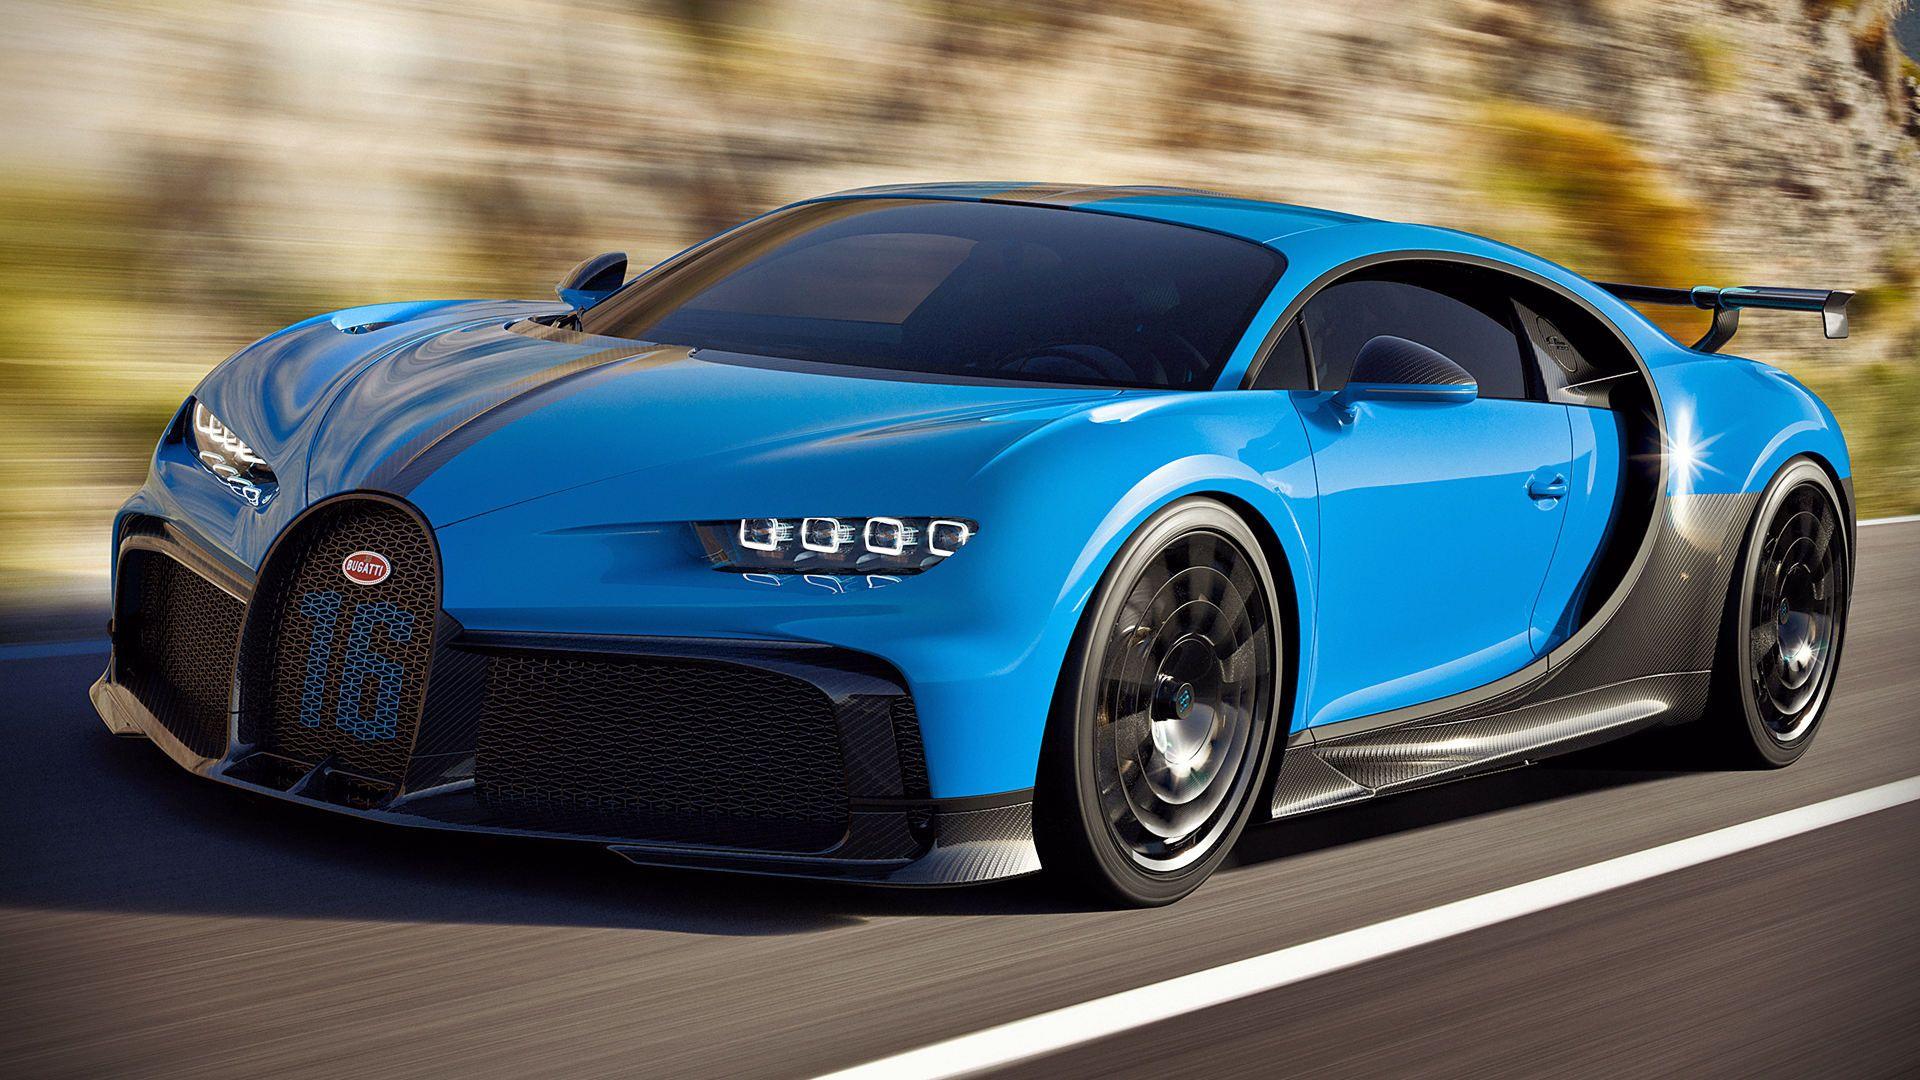 Bugatti Chiron Pur Sport 2020 Specs Wallpaper In 2020 Bugatti Chiron Bugatti Luxury Cars